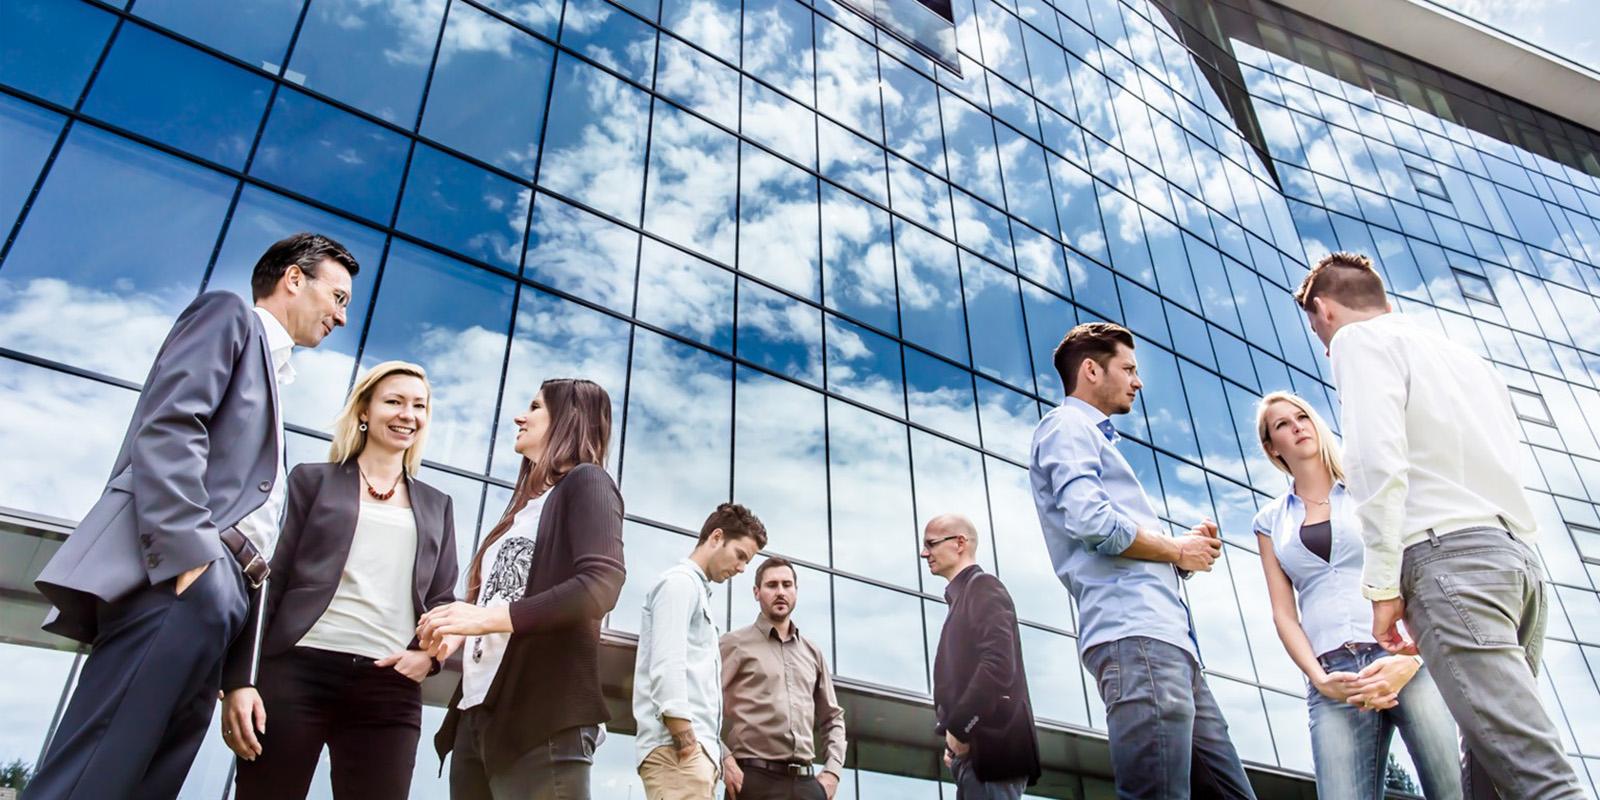 Mitarbeiter der HR Abteilung vor der Glasfassade der Firmenzentrale in Hart bei Graz beim Informationsaustausch in der Pause Firmengebäude mit Glasturm © KNAPP AG